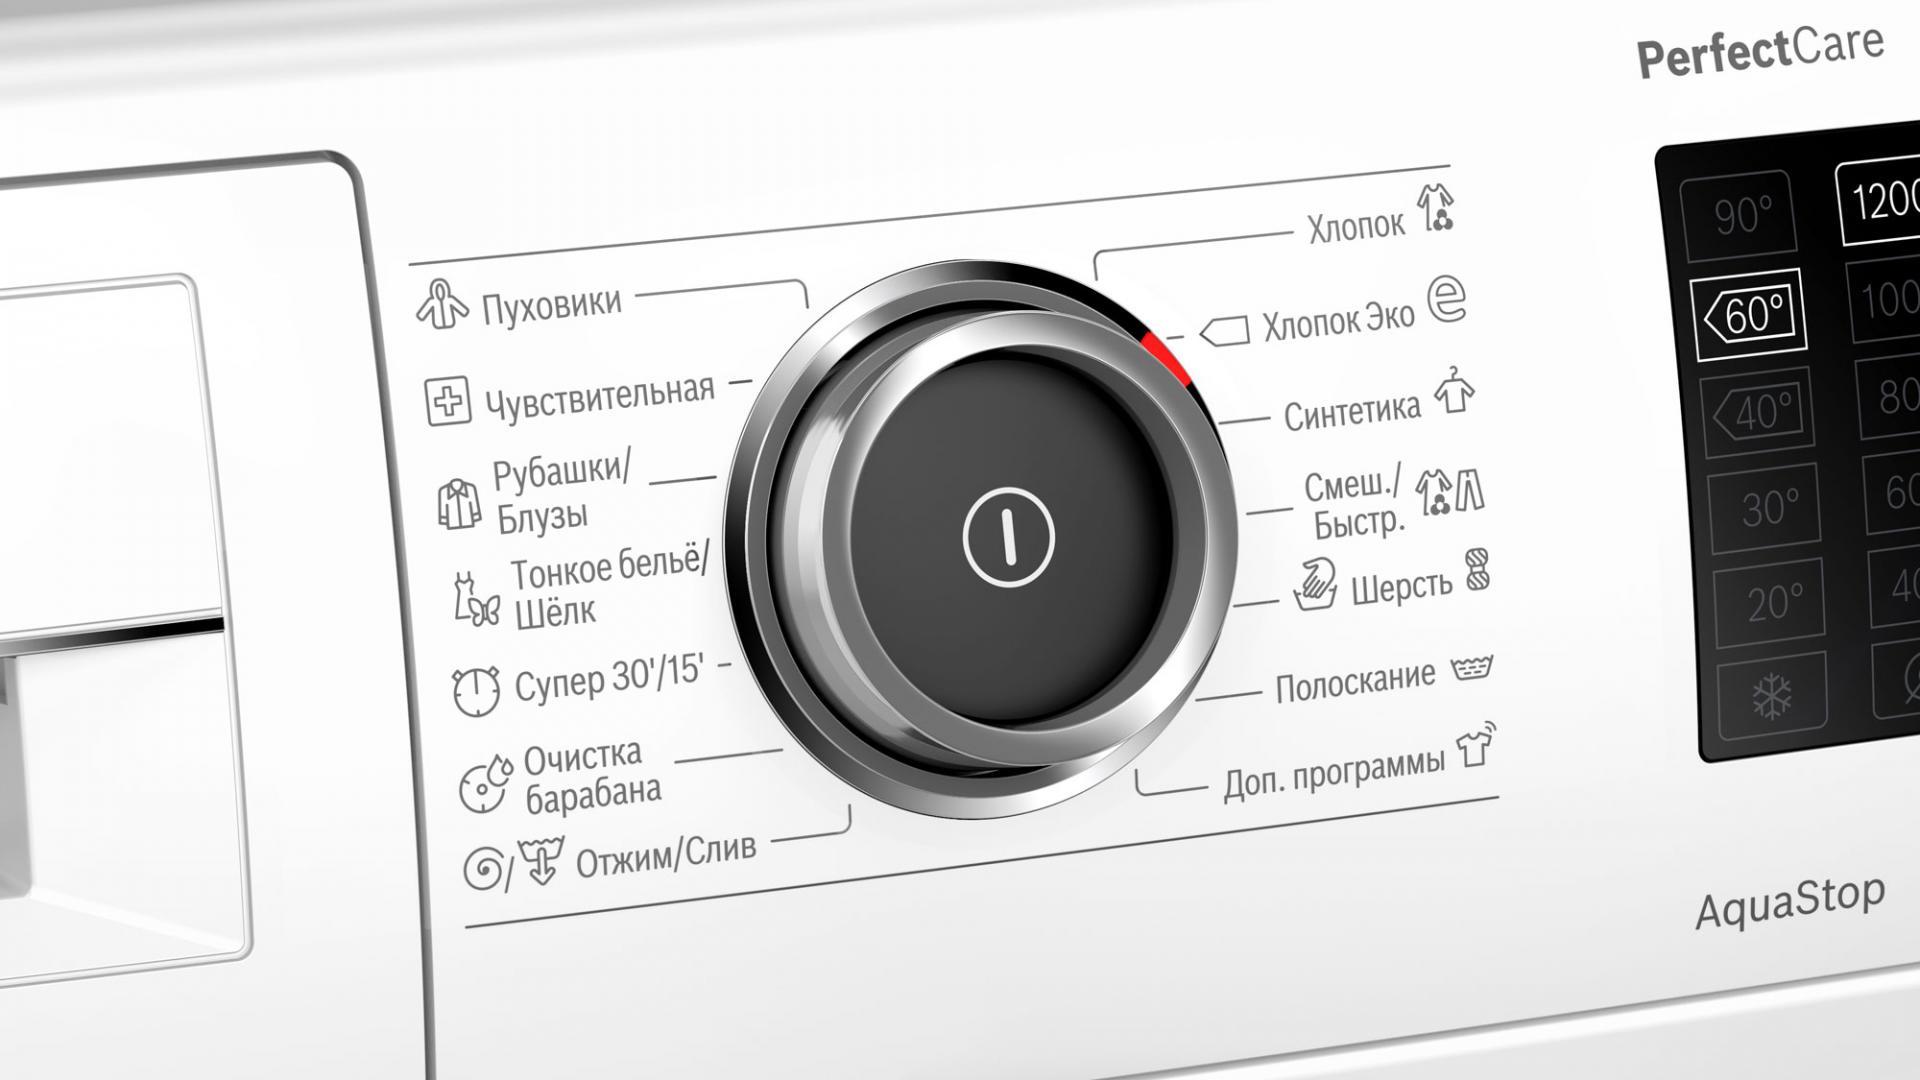 Обновлённая линейка стиральных машин Bosch PerfectCare суникальным зауженным дизайном.